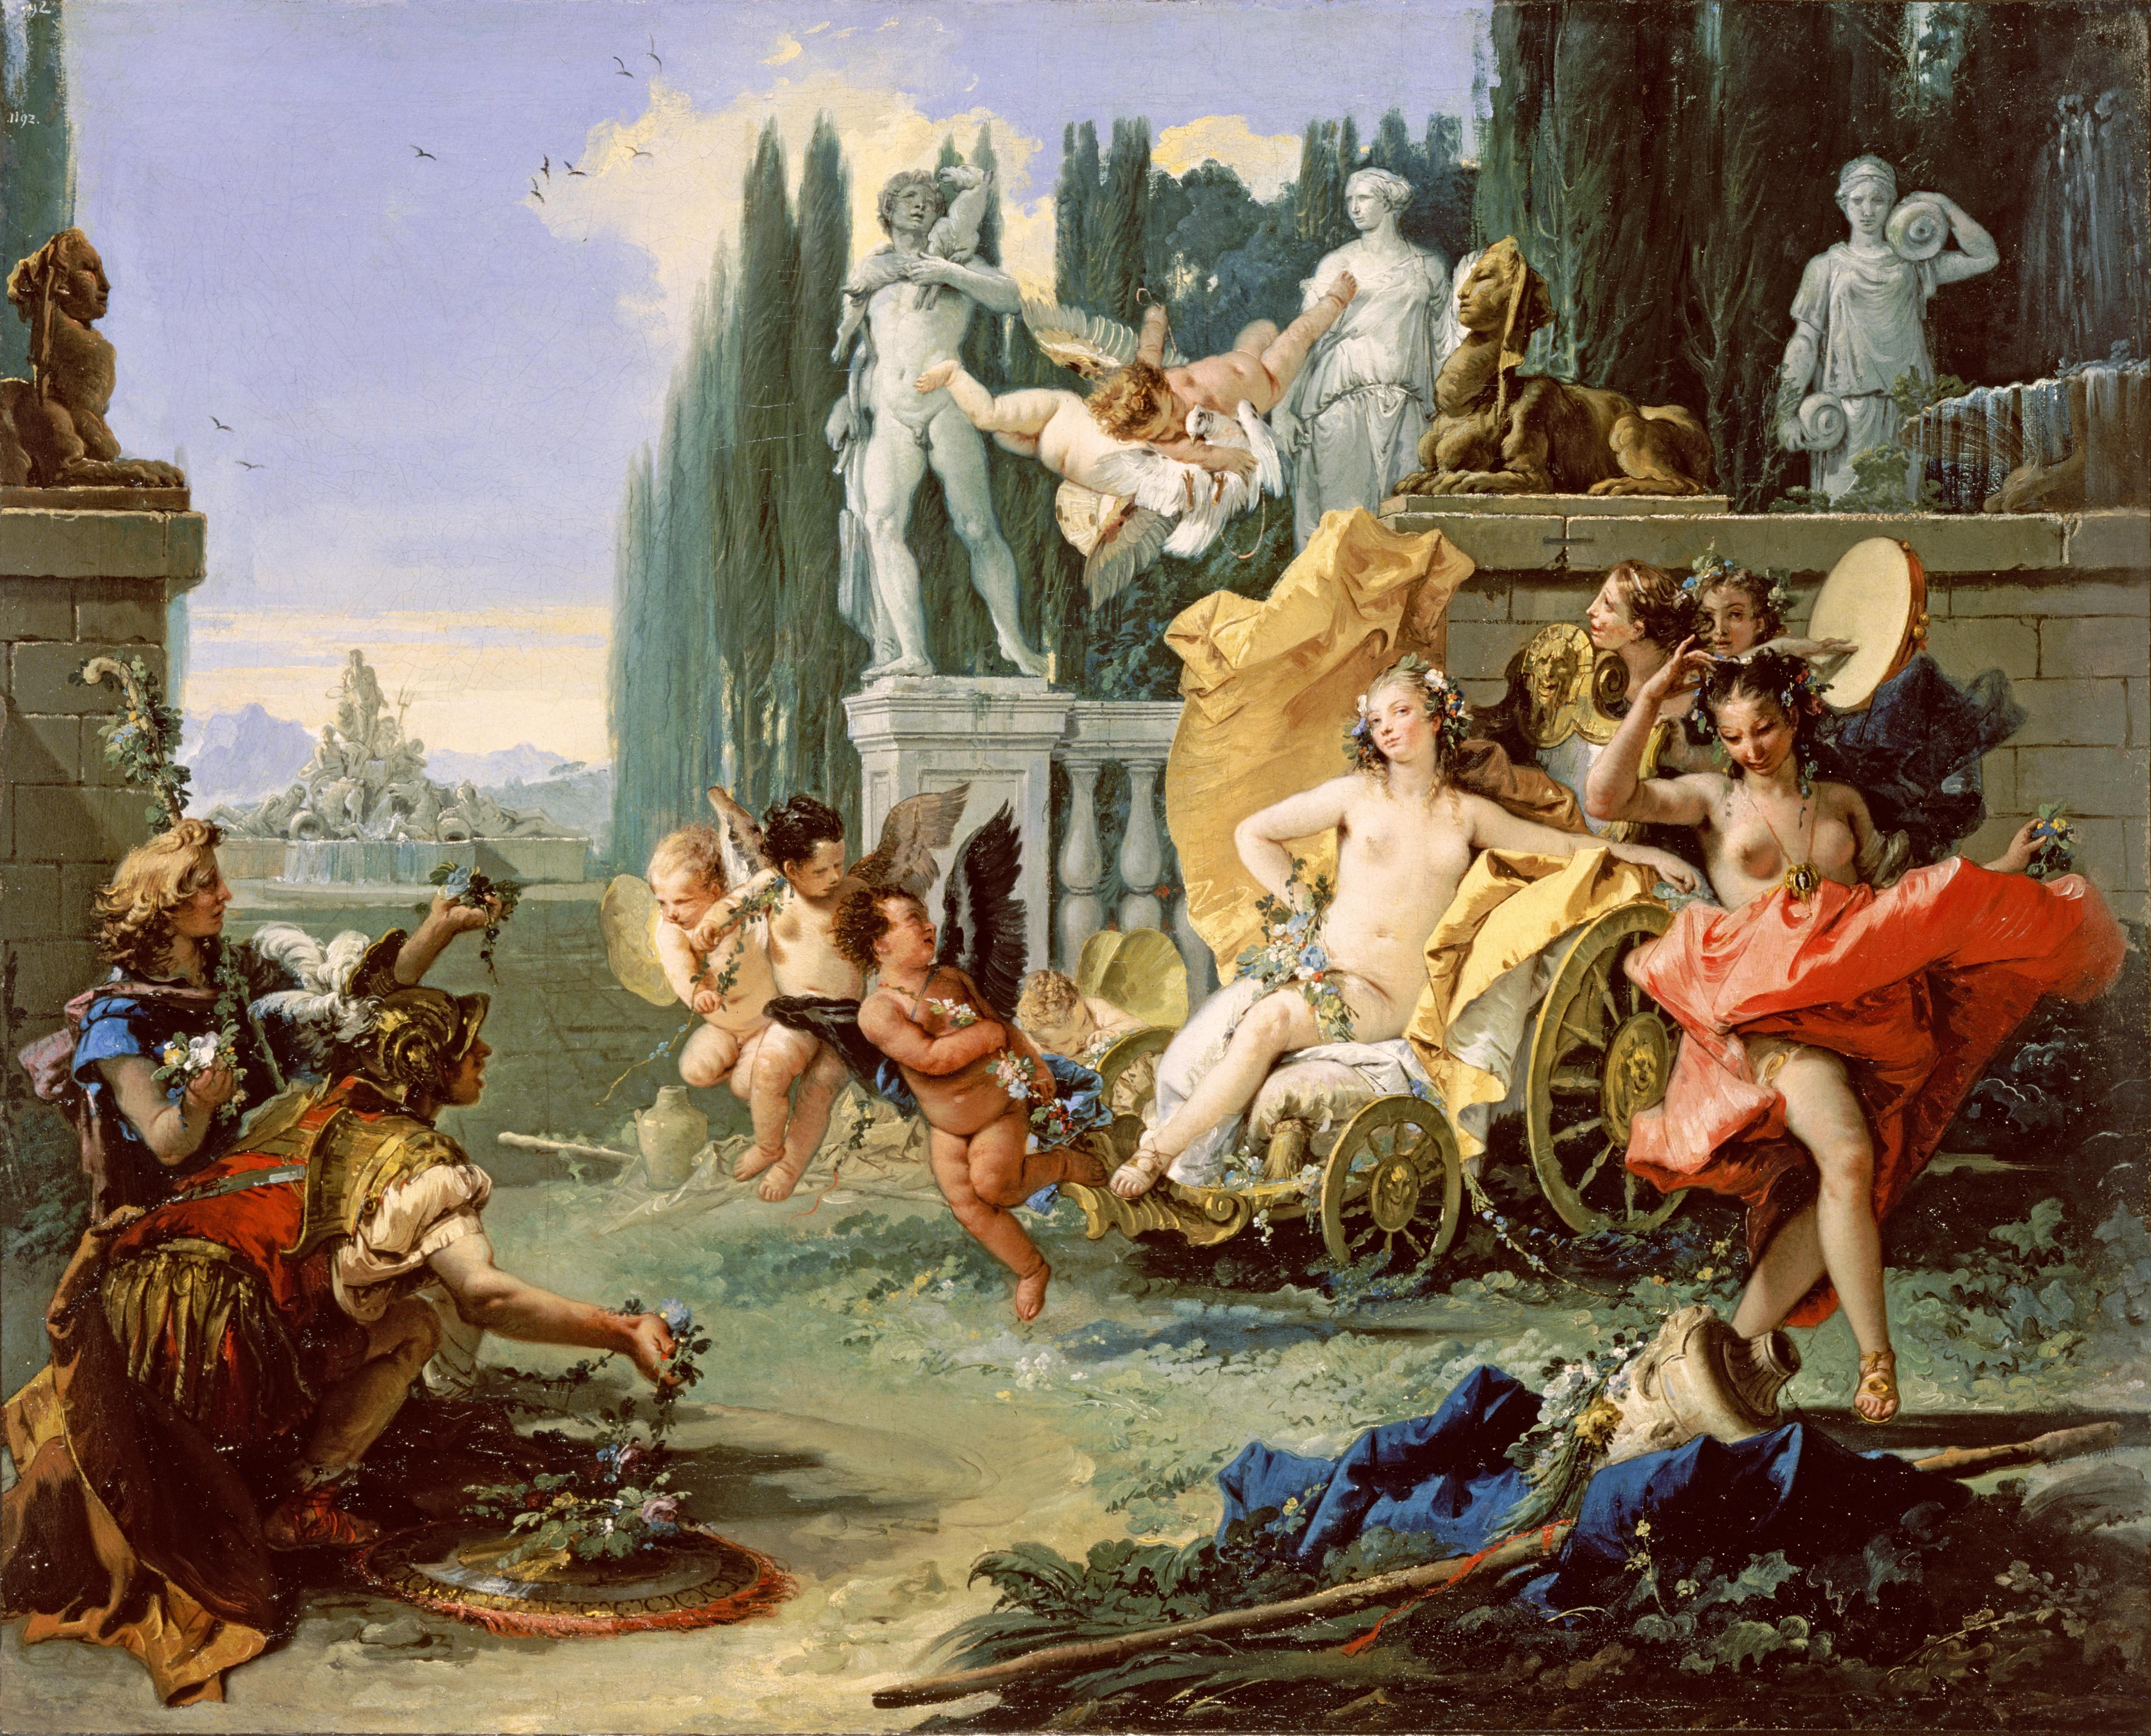 Prostituáltak egy római tavaszünnepen, Giovanni Battista Tiepolo festményén (forrás: Wikipedia)